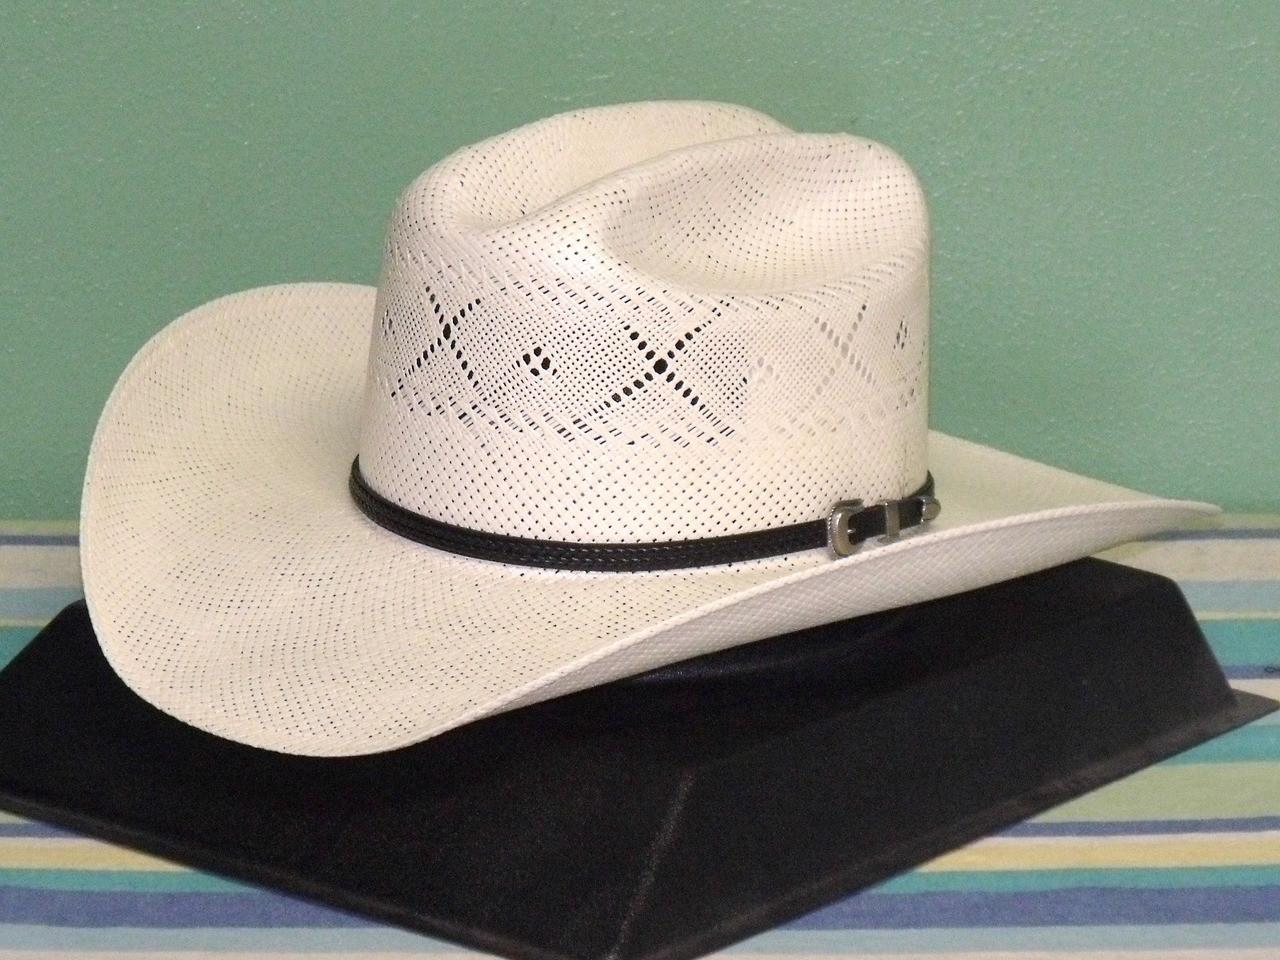 George Strait All My Ex s 20X Shantung Cowboy Hat - One 2 mini Ranch 18657f4dc29